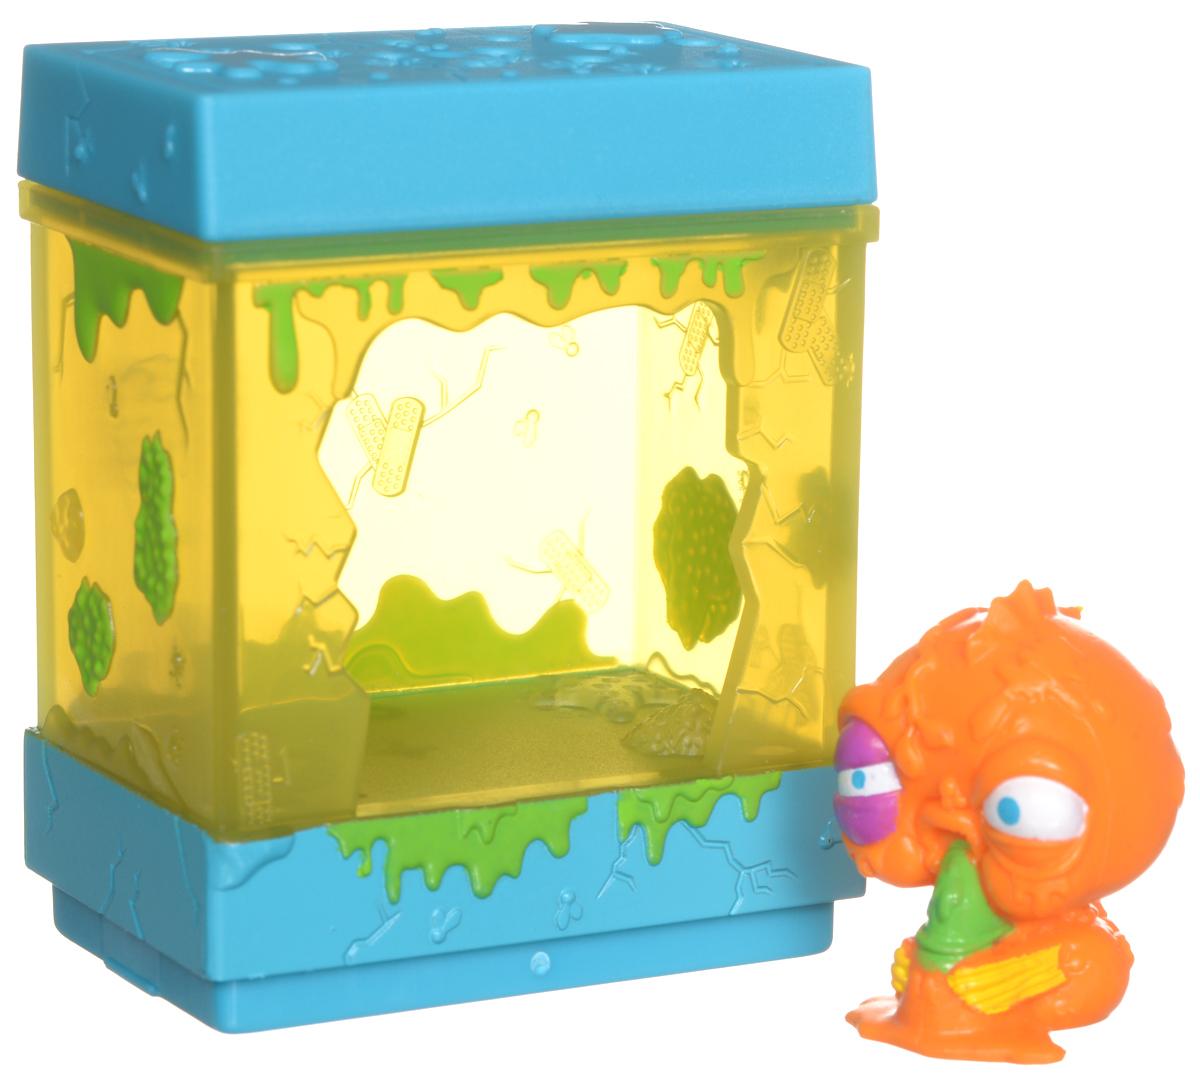 Ugglys Pet Shop Игровой набор Домик с фигуркой Ranr Nank19411_ranr nankИгровой набор из серии Хулиганские животные состоит из домика со звуковыми эффектами и уникальной фигурки питомца, которую нельзя найти в других упаковках и наборах серии. Домик выполнен в ярких цветах и притягивает взгляд. Если внутри него поместить мини-фигурку животного и надавить на пол - будут раздаваться звуки. В ассортименте представлено 6 домиков, которые можно состыковать один с другим и построить большой зоомагазин с эксклюзивными животными. Такая удивительная игрушка обязательно понравится вашей малышке! Порадуйте ее таким замечательным подарком! Для работы требуются 2 батарейки типа LR44 (комплектуется демонстрационными).